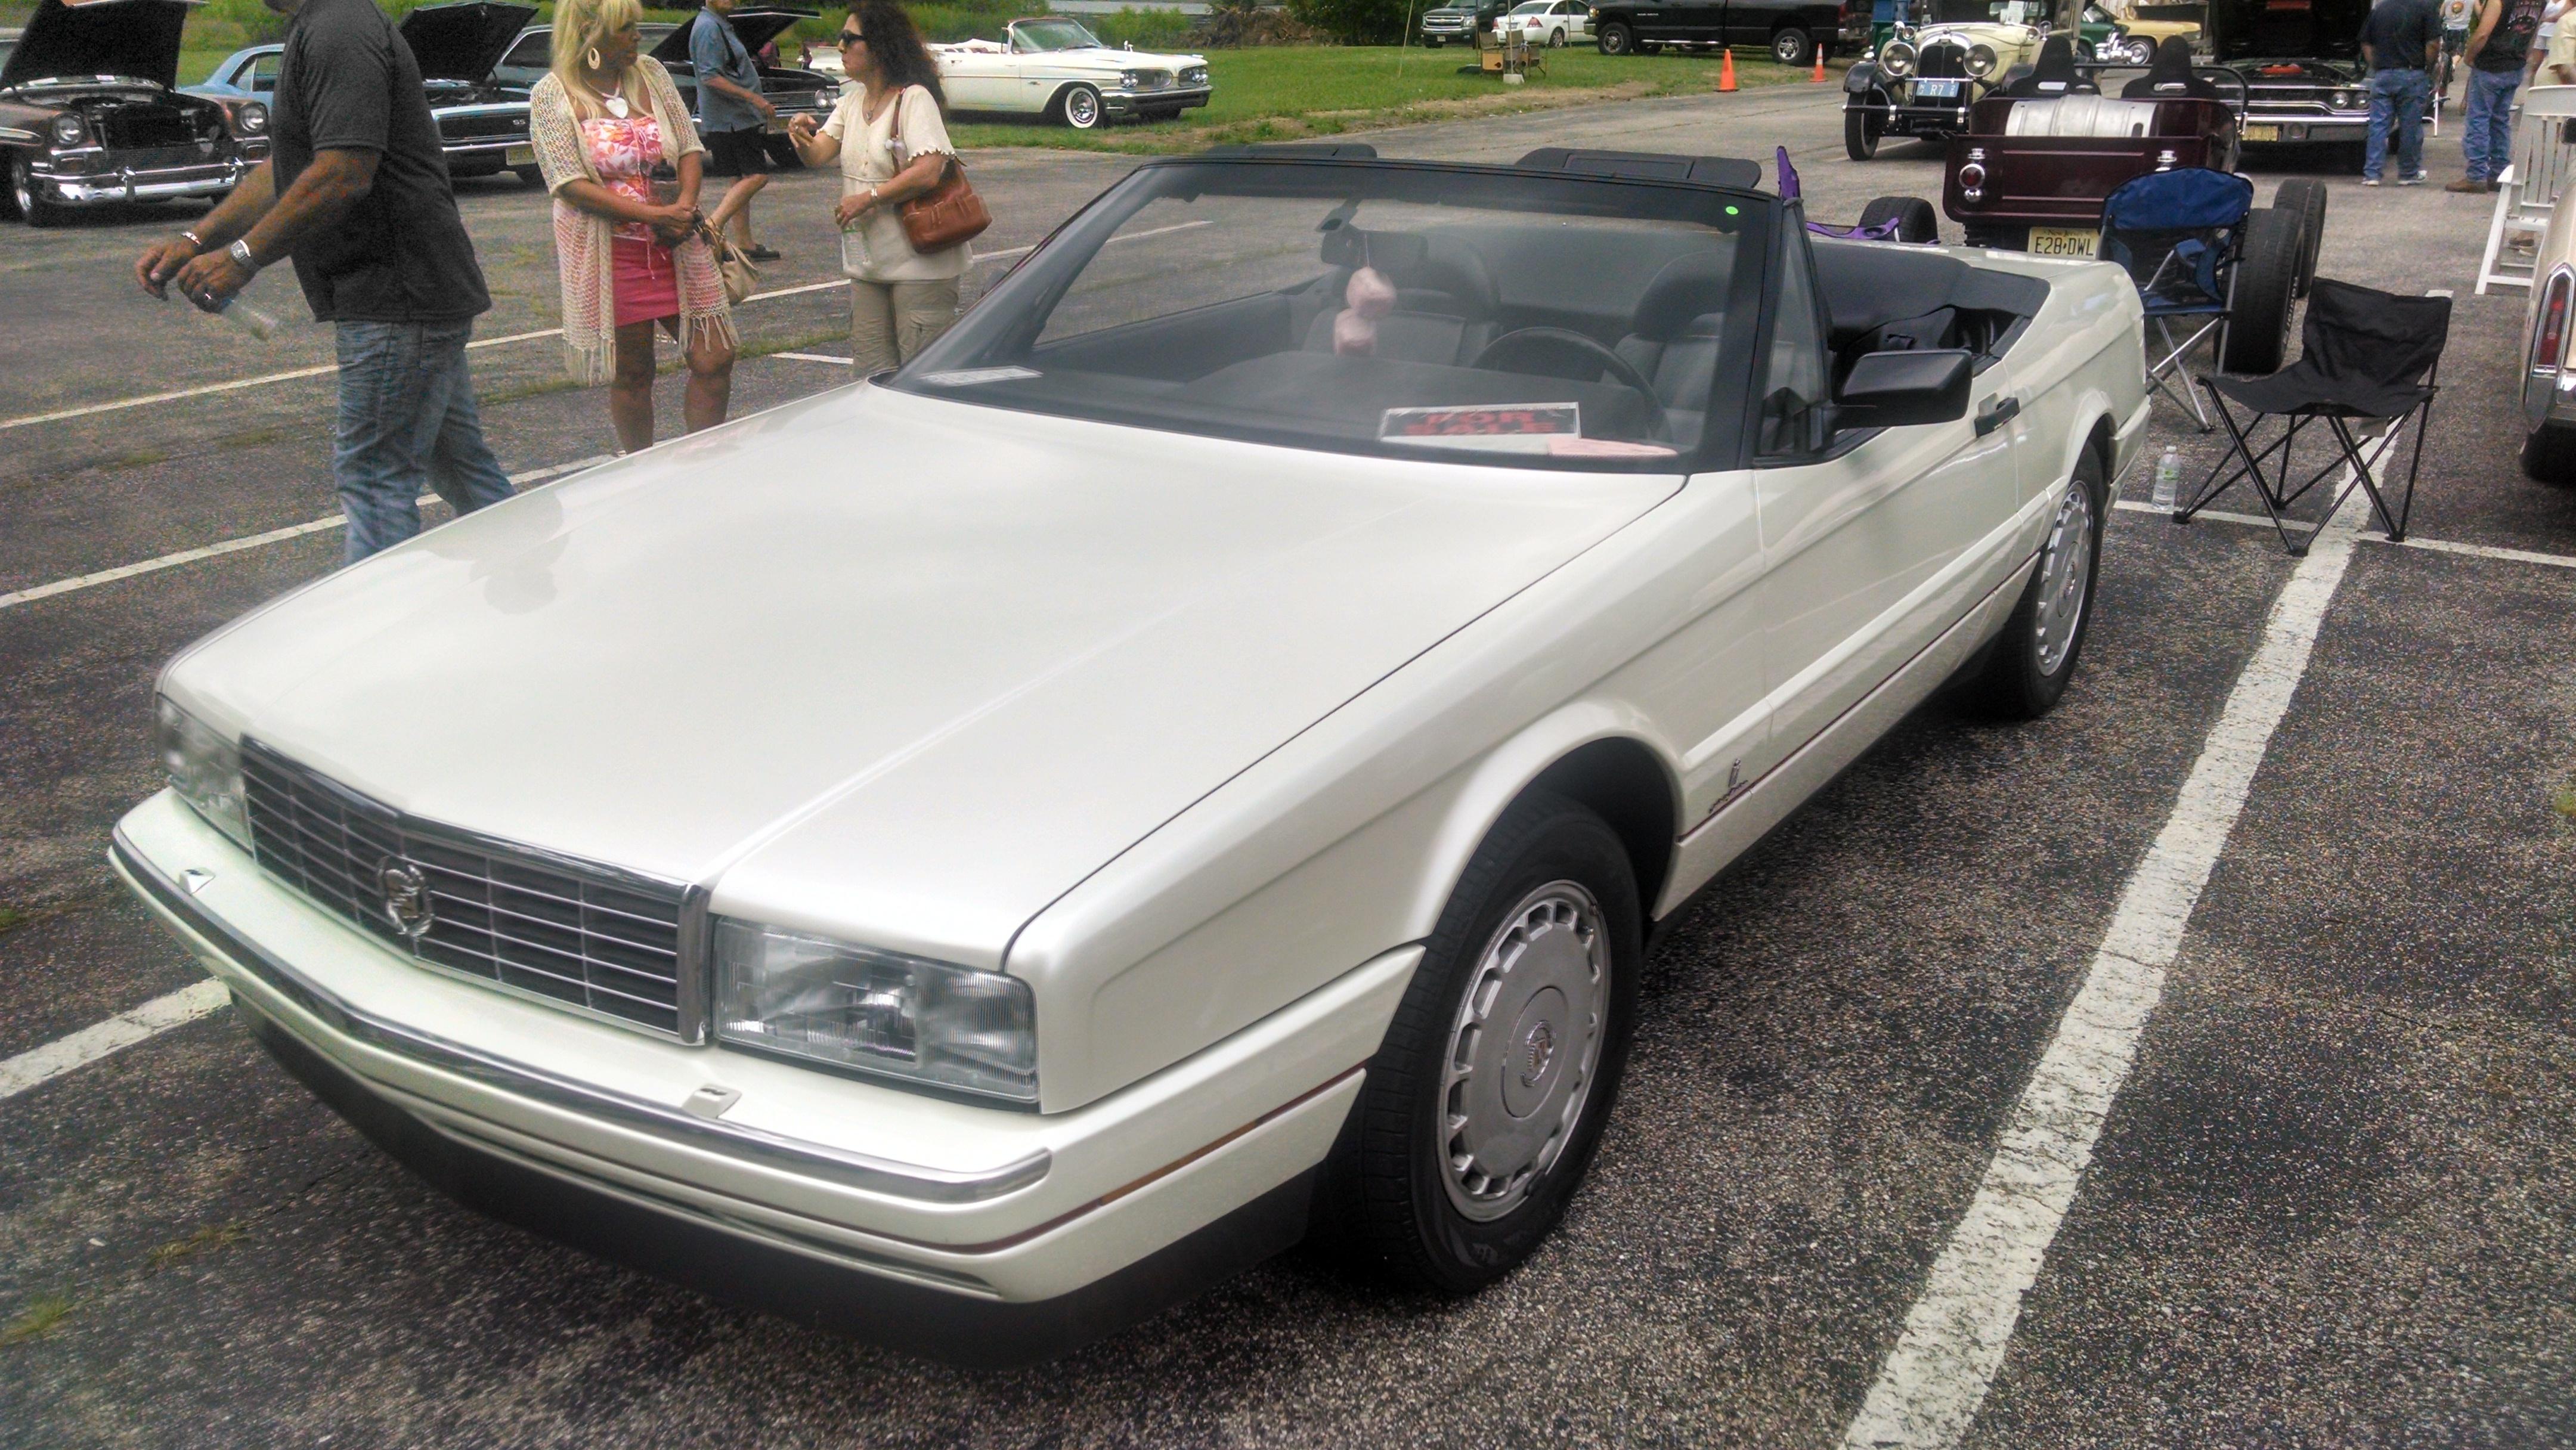 91s - The Cadillac Allante XLR Club